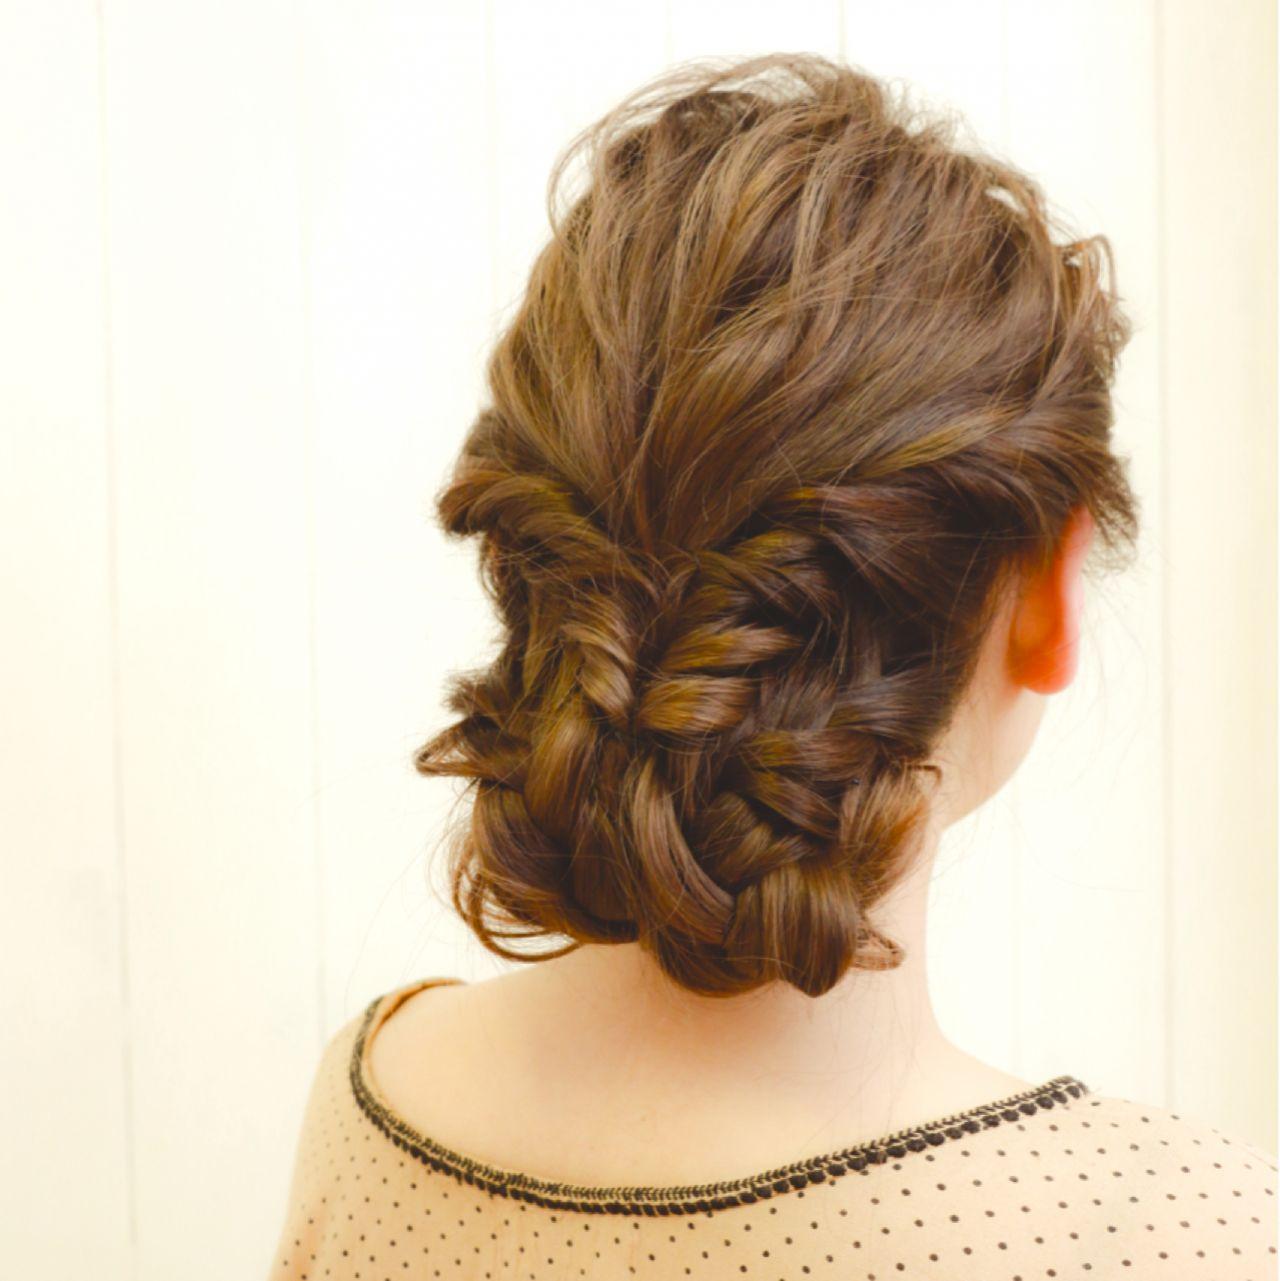 大人かわいい アップスタイル ナチュラル 編み込み ヘアスタイルや髪型の写真・画像